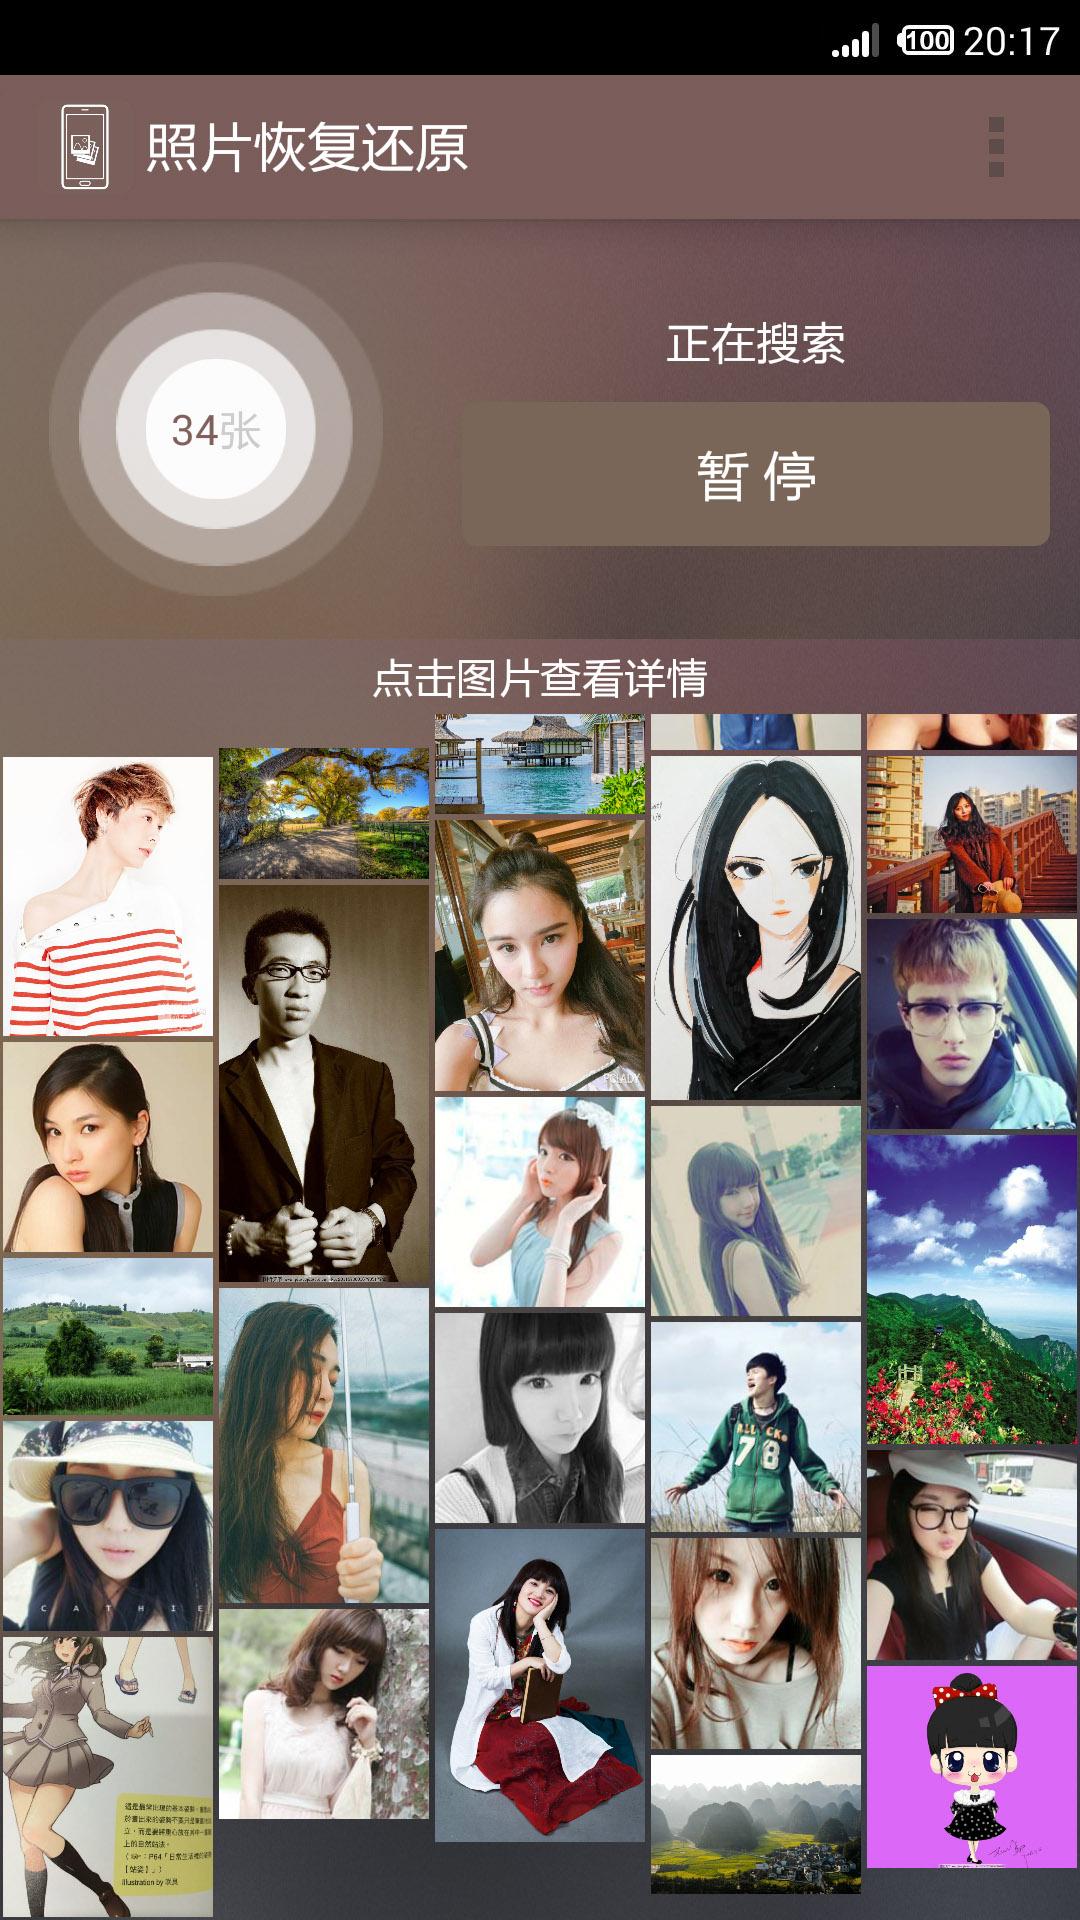 照片恢复还原 V7.0 安卓版截图3